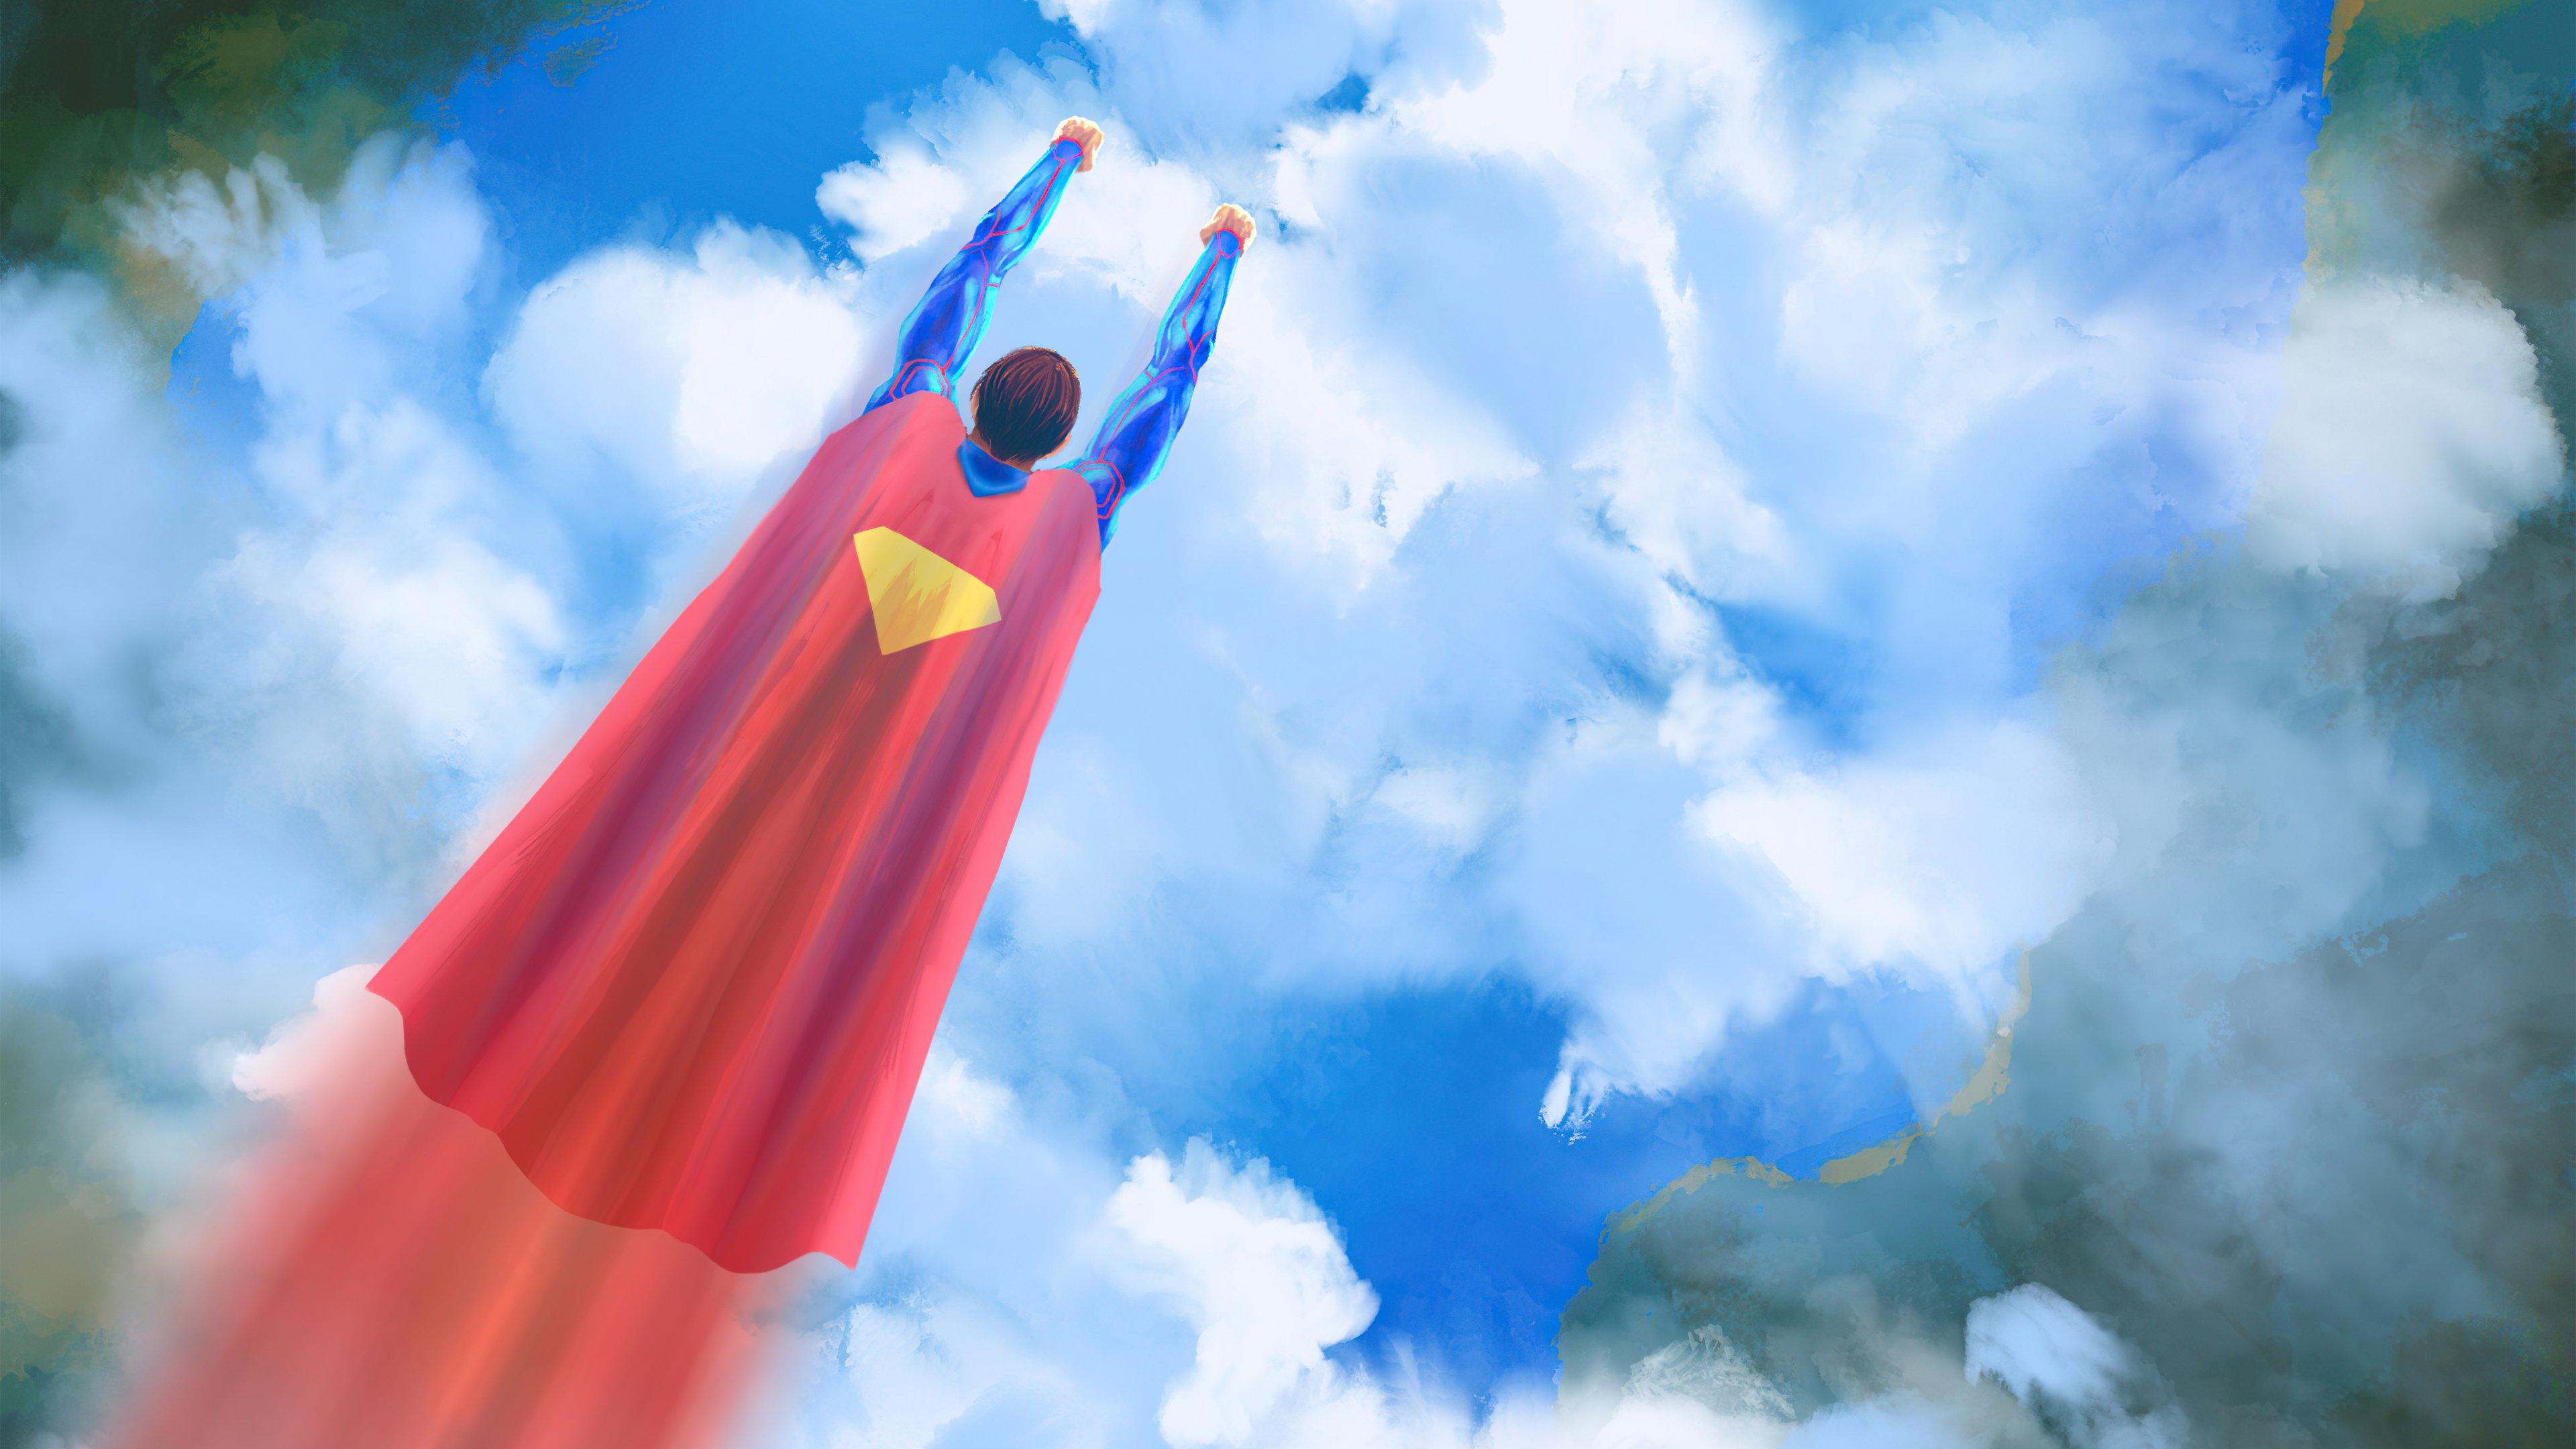 Wallpaper Superman flying Digital Art